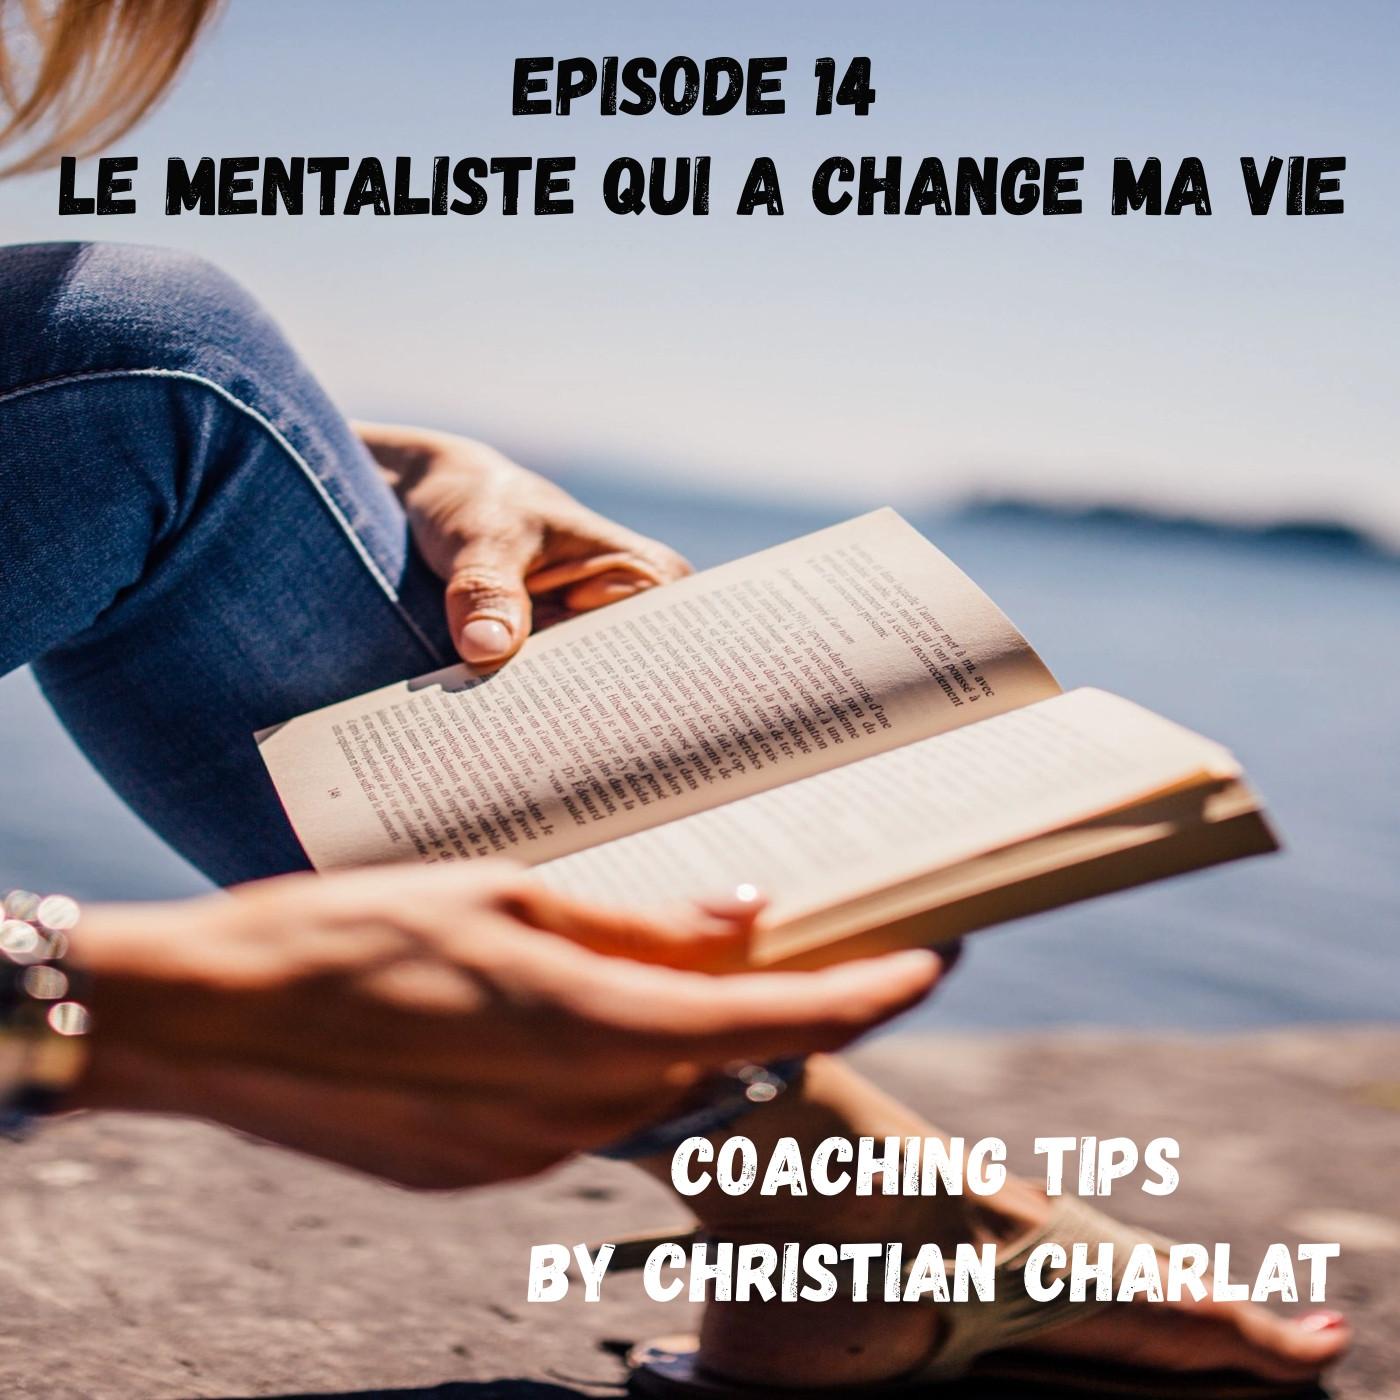 EPISODE 14 Le mentaliste qui a changé ma vie